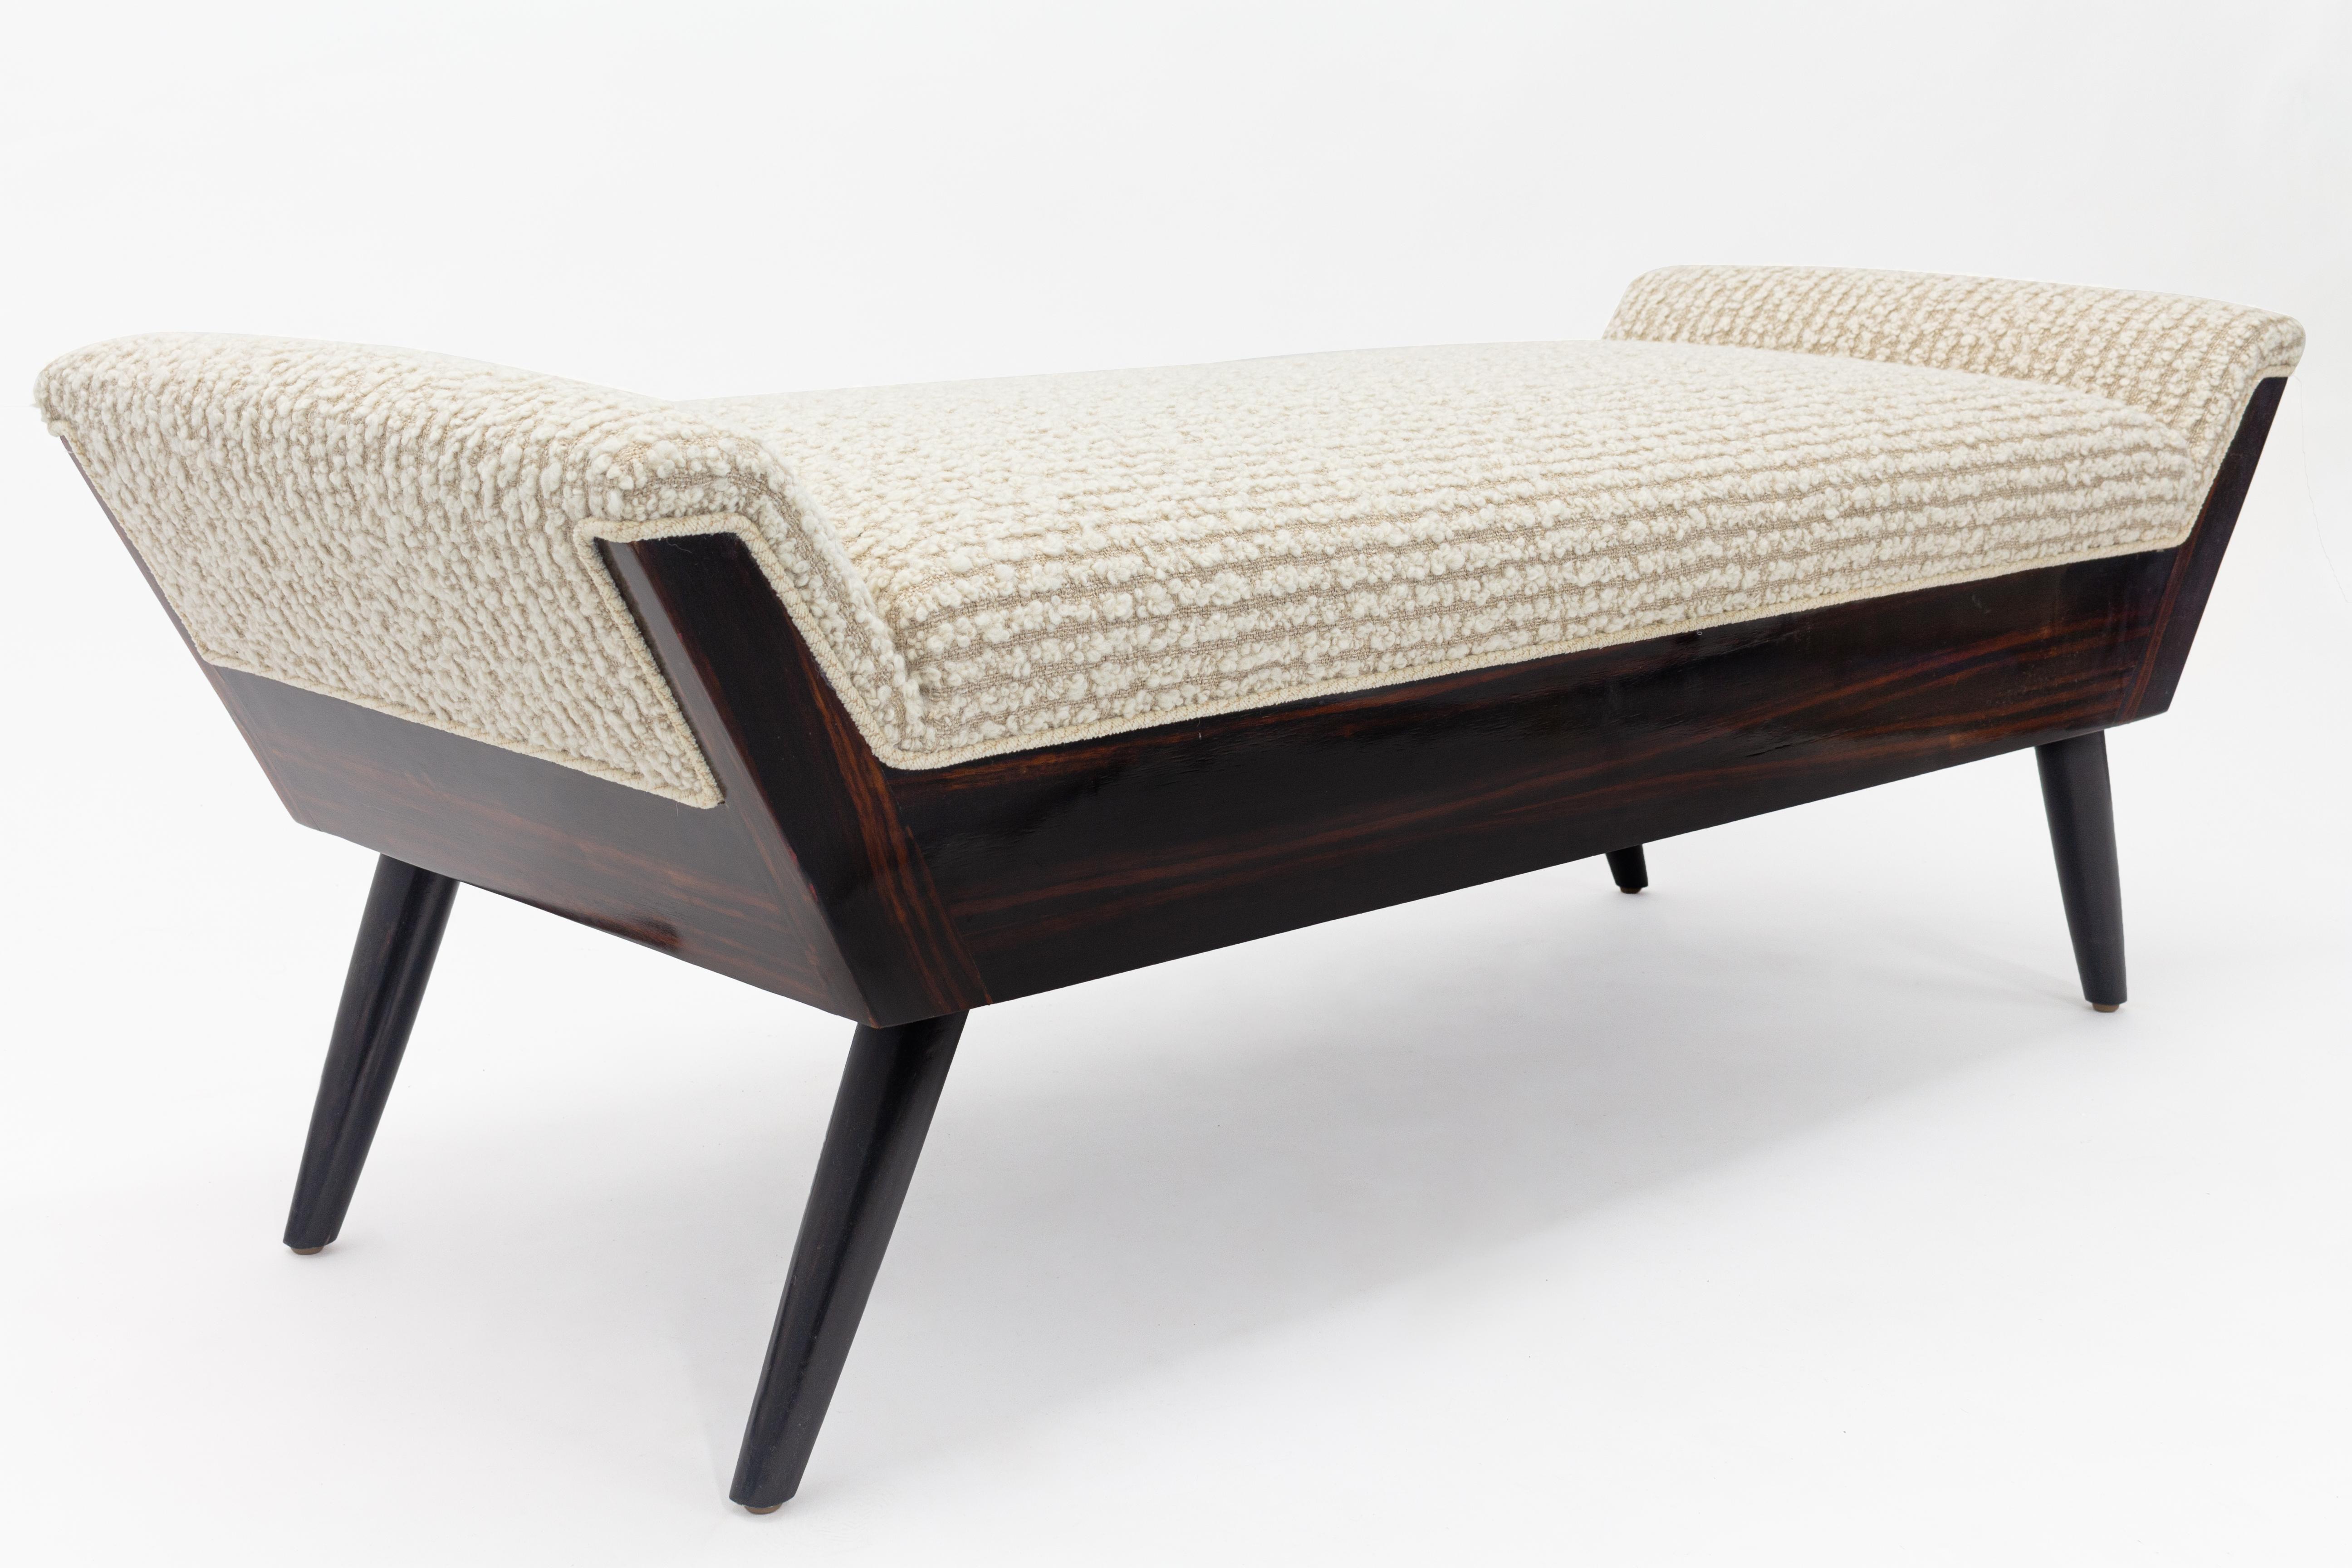 Modernist Bench